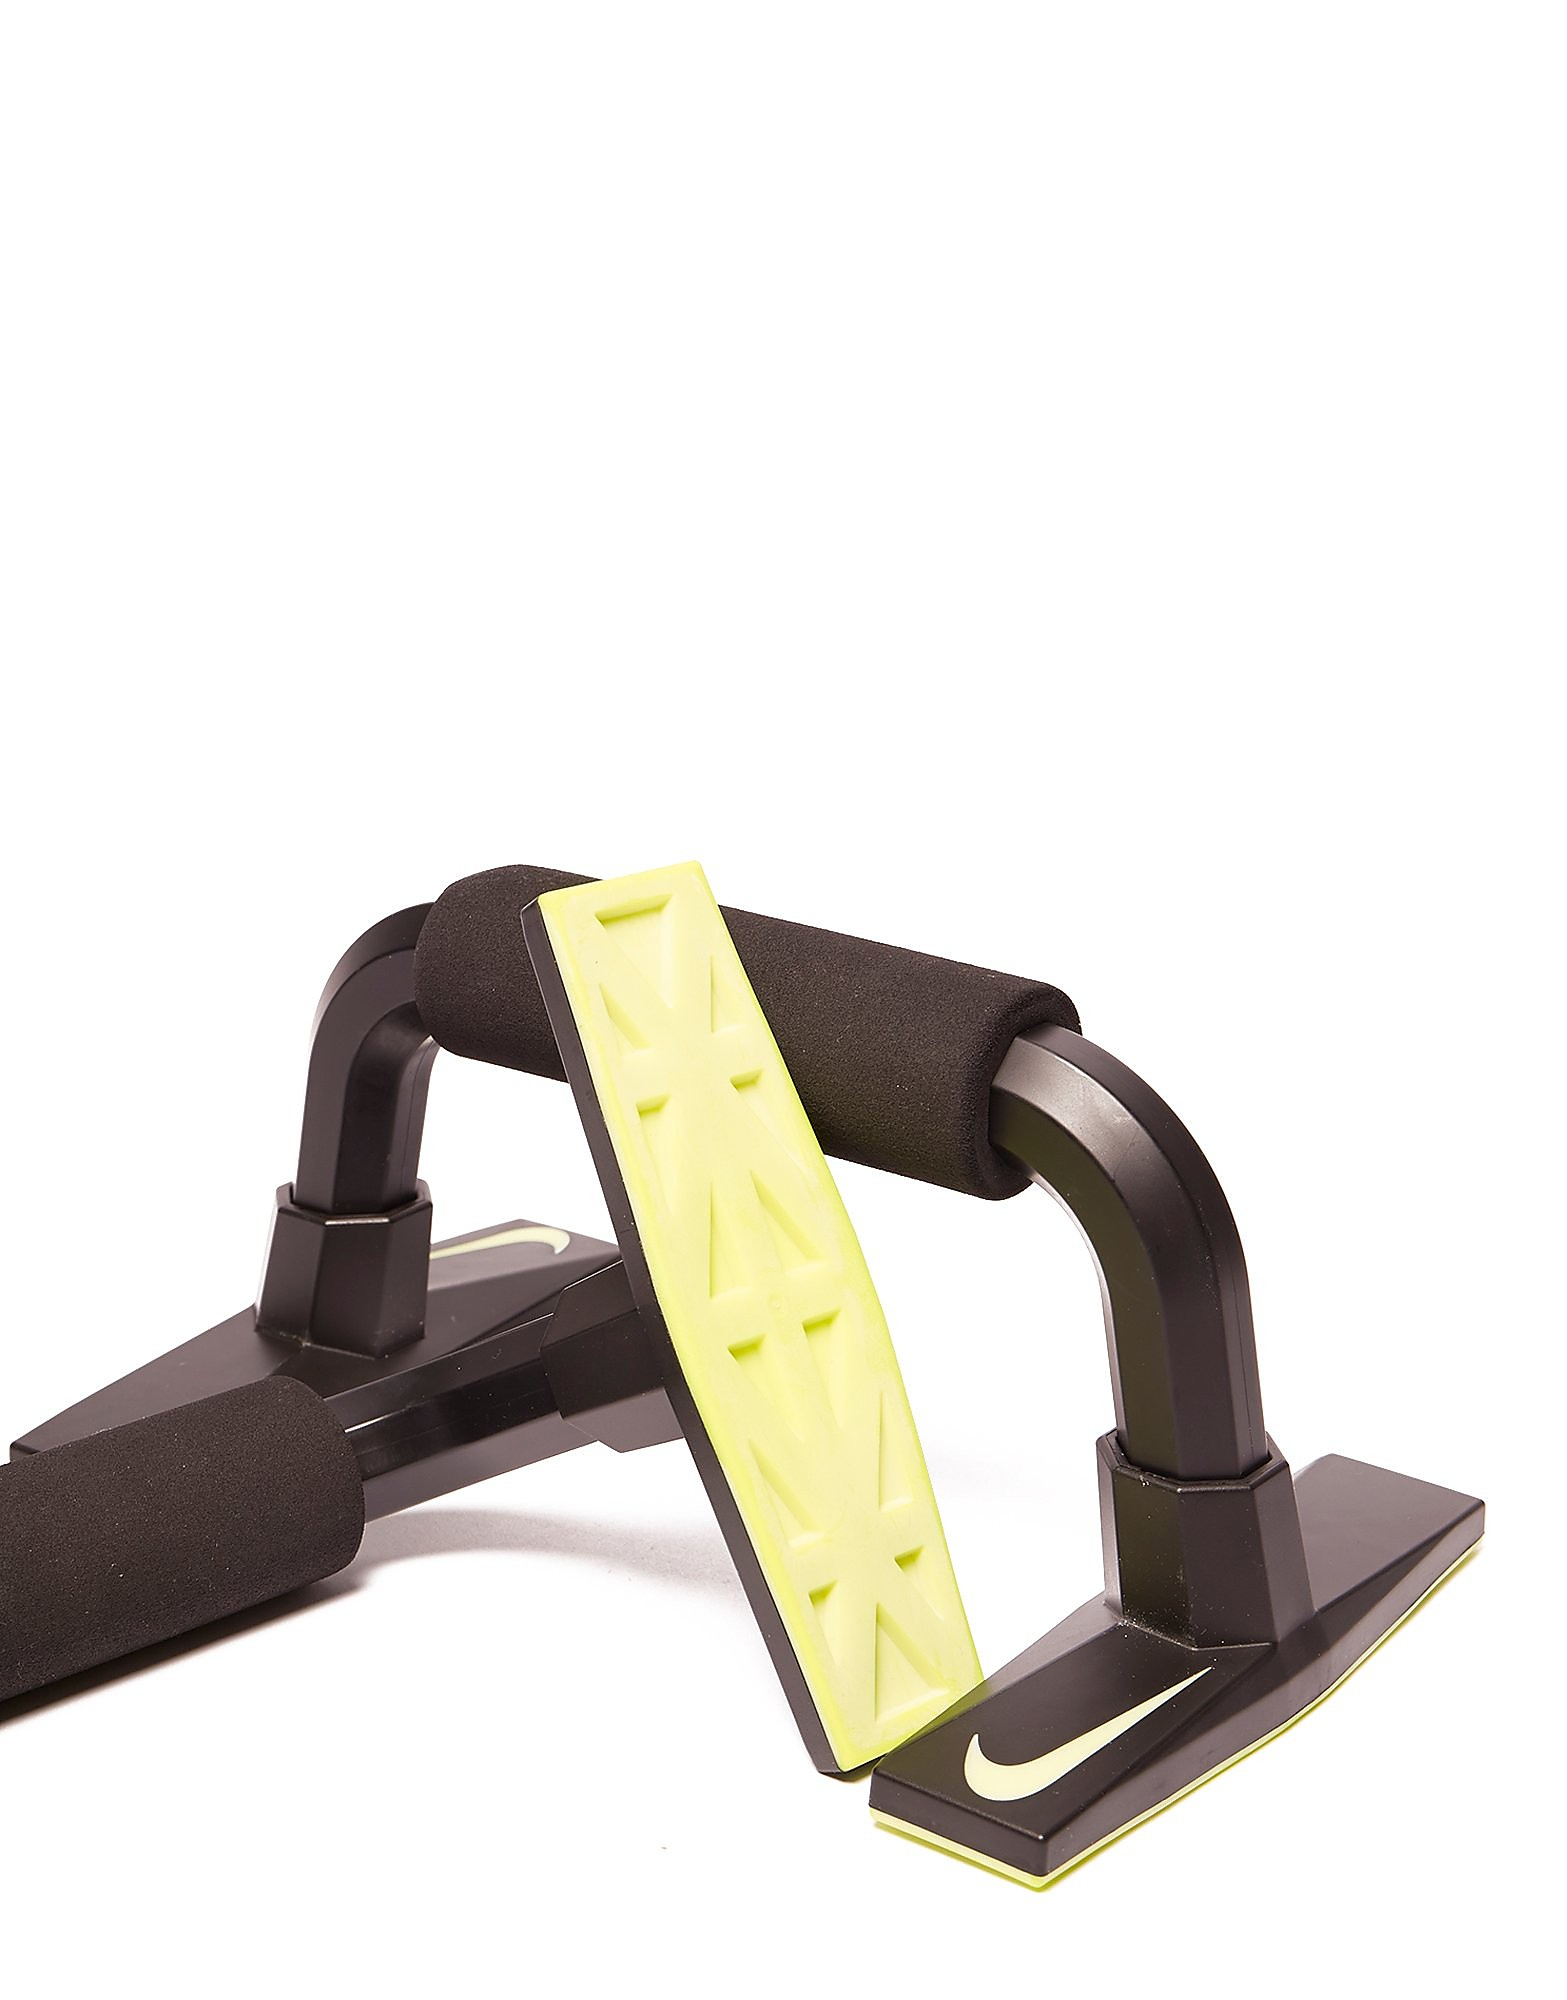 Nike Push-Up 3.0 Training Grips